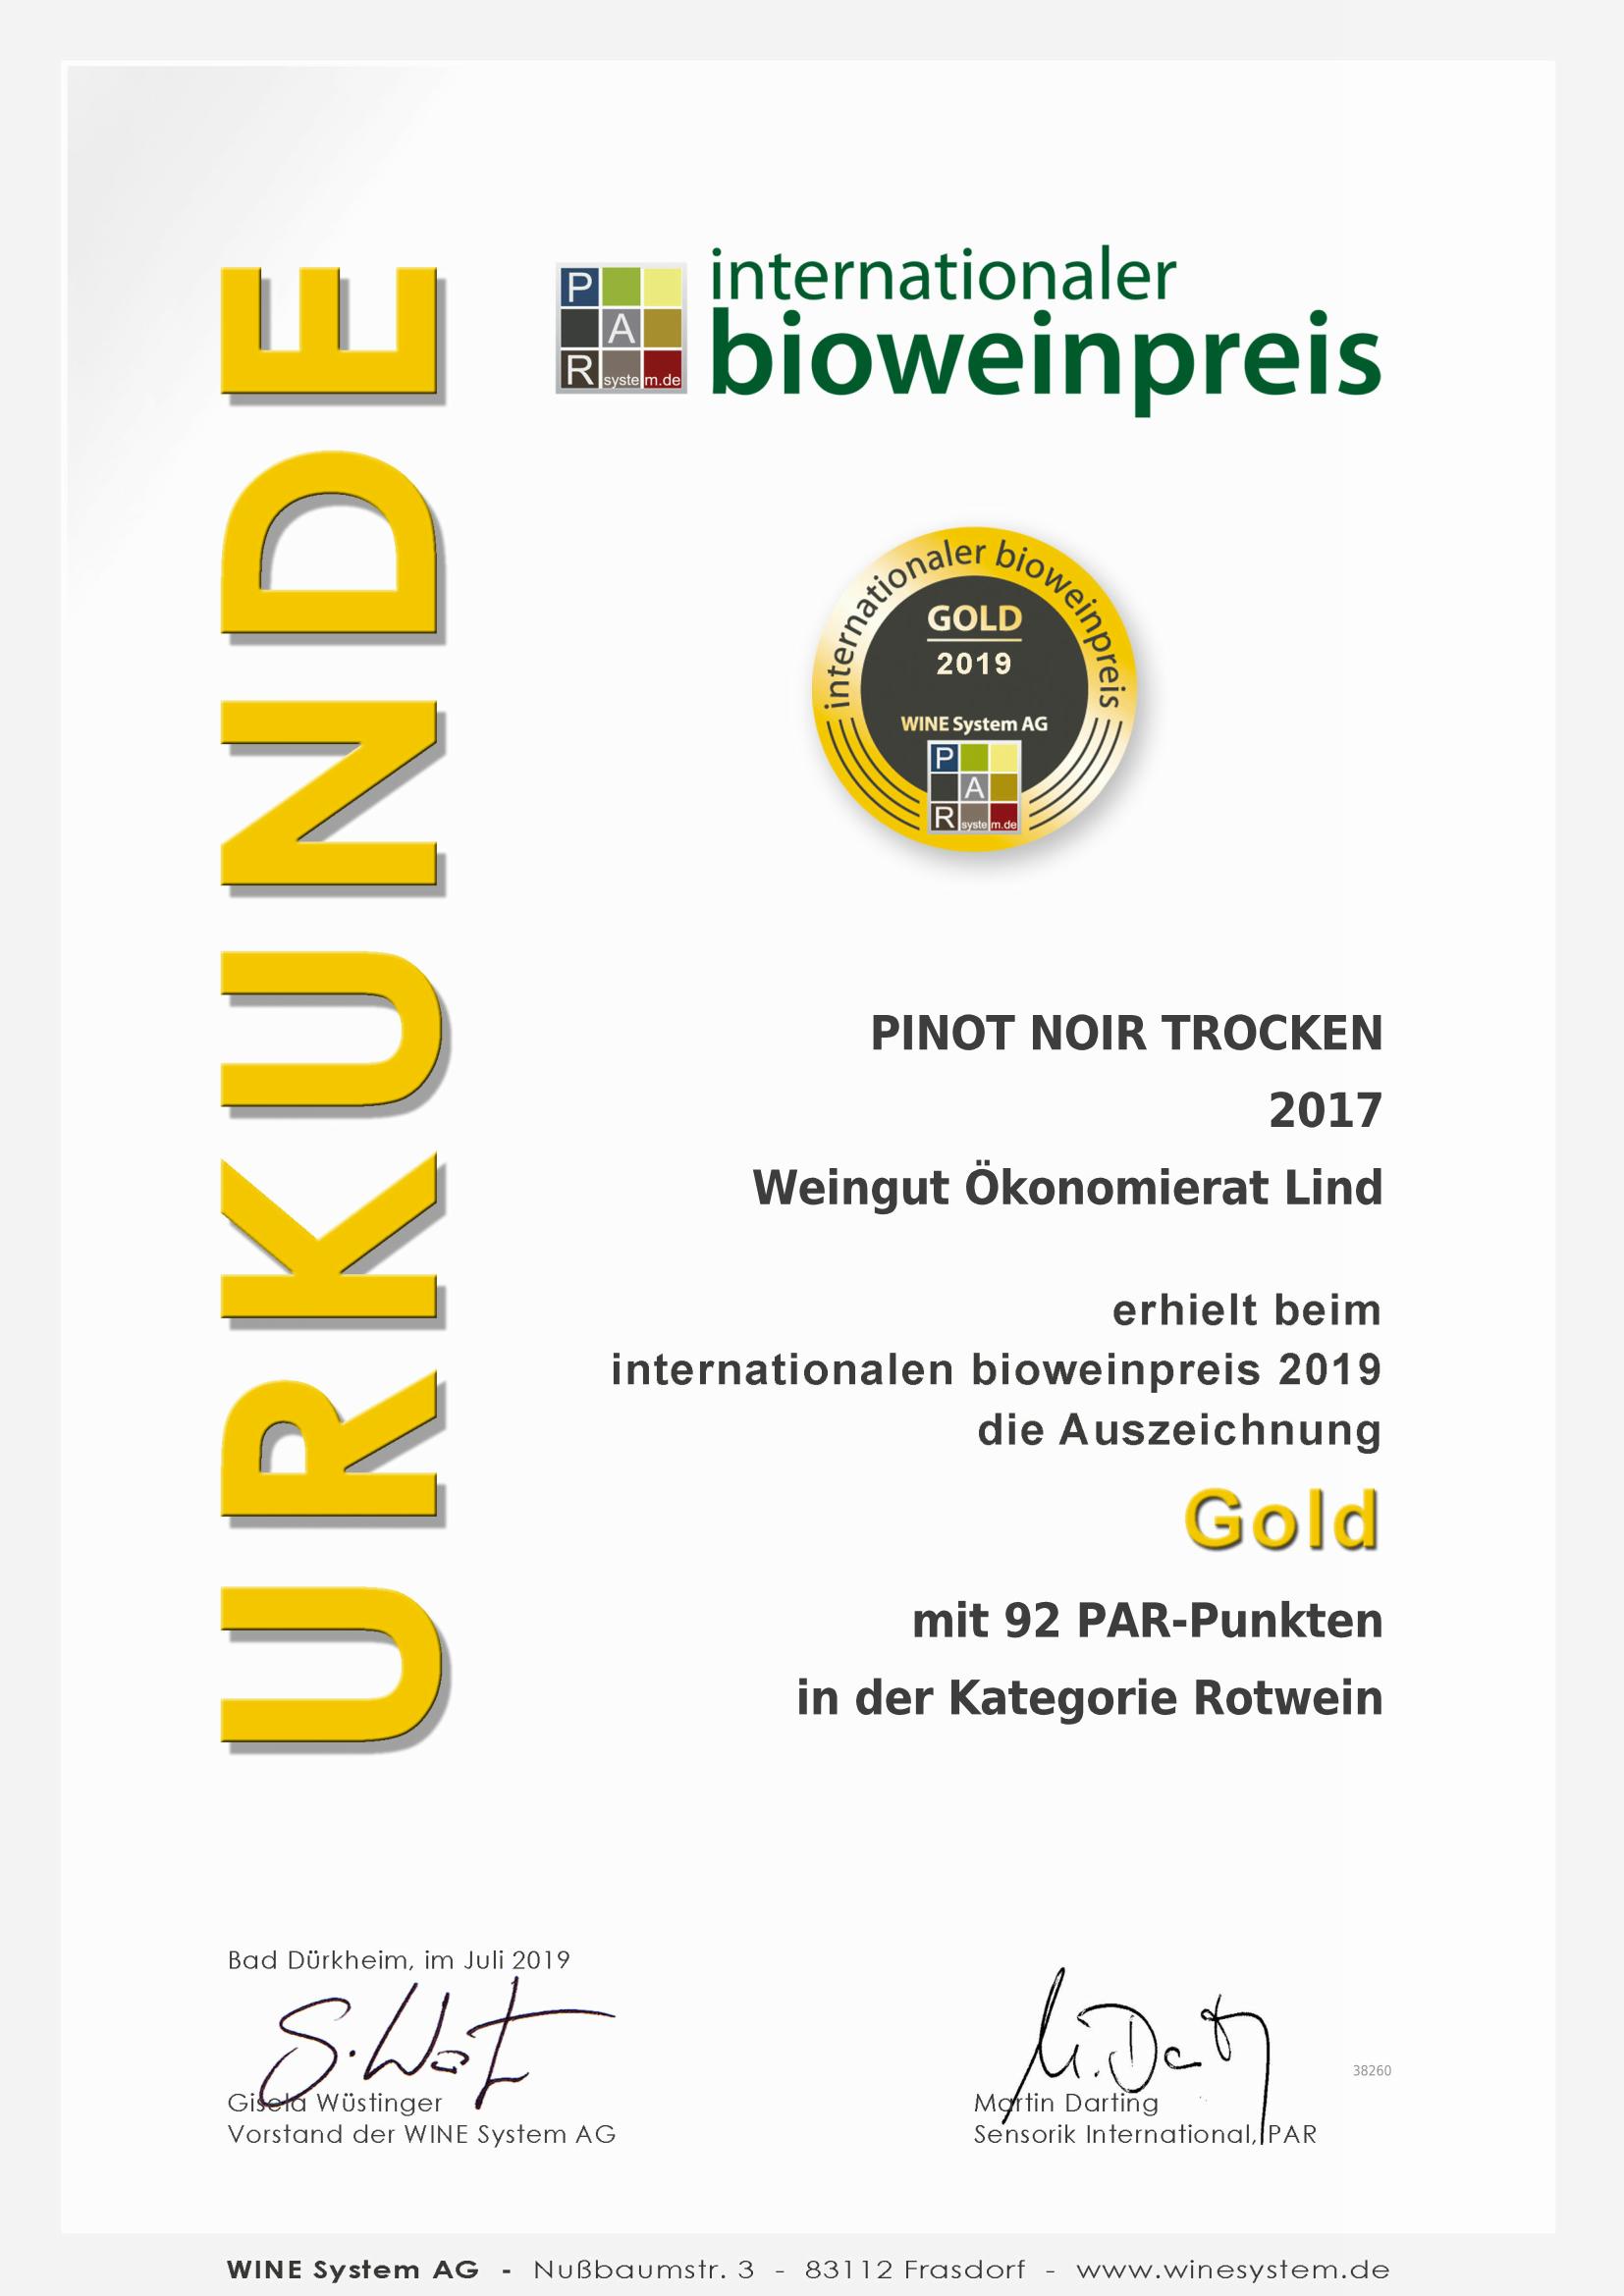 Internationaler Bioweinpreis Pinot Noir 2017 - Gold